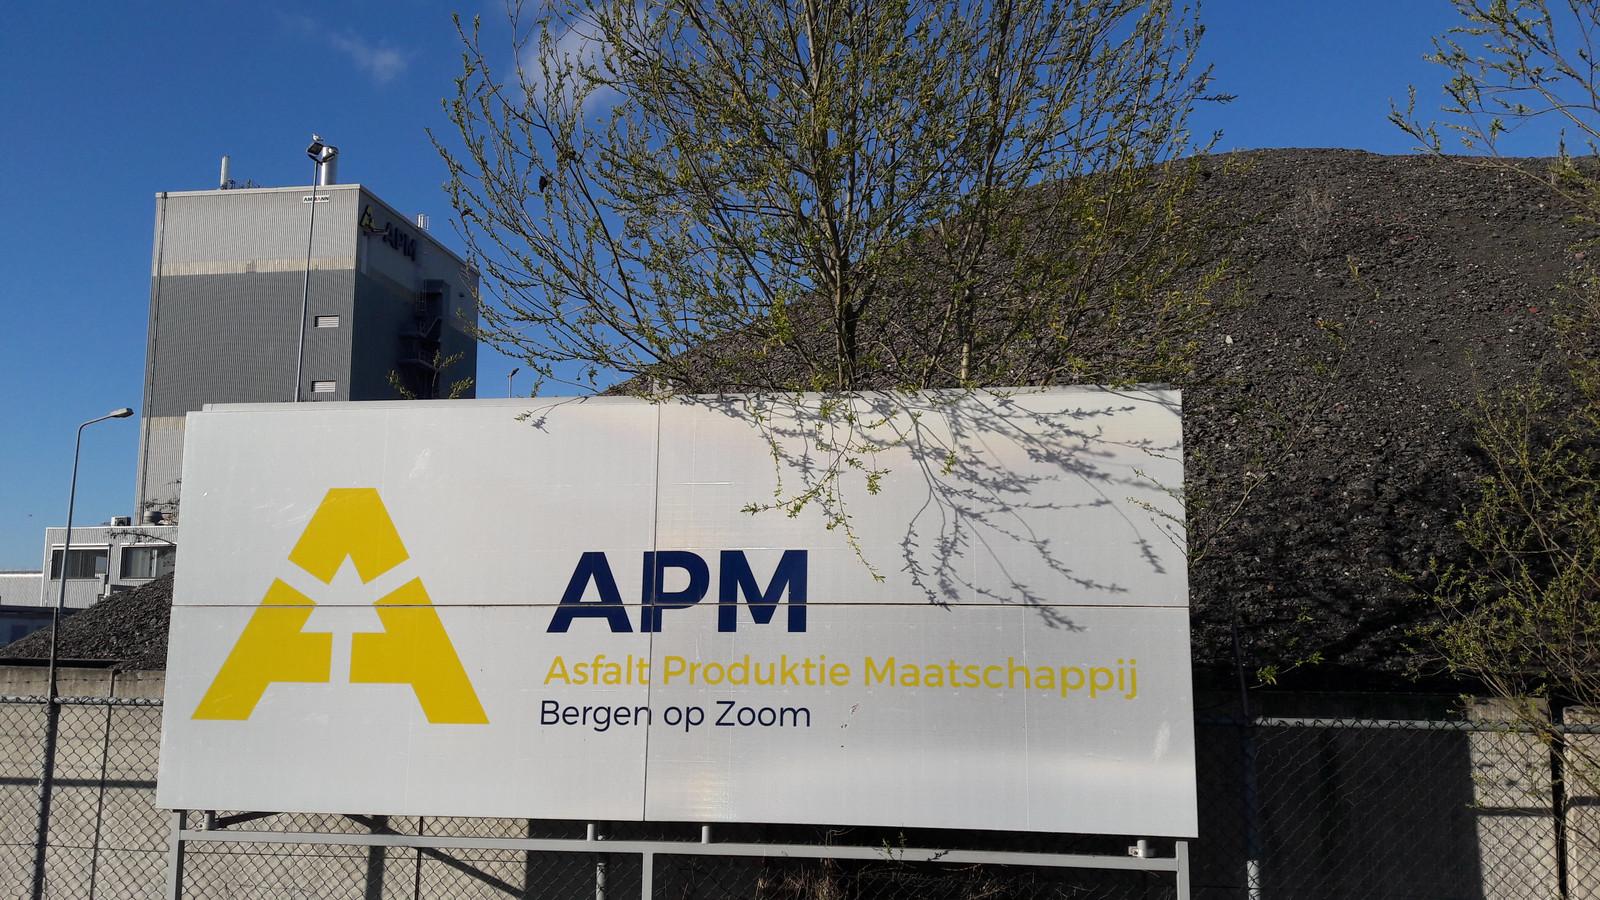 APM in Bergen op Zoom is een van de 35 asfaltcentrales in Nederland. APM maar ook diverse andere fabrieken worstelen met te hoge uitstoot van benzeen wanneer oud asfaltgranulaat wordt verwarmd om gerecycled te worden.